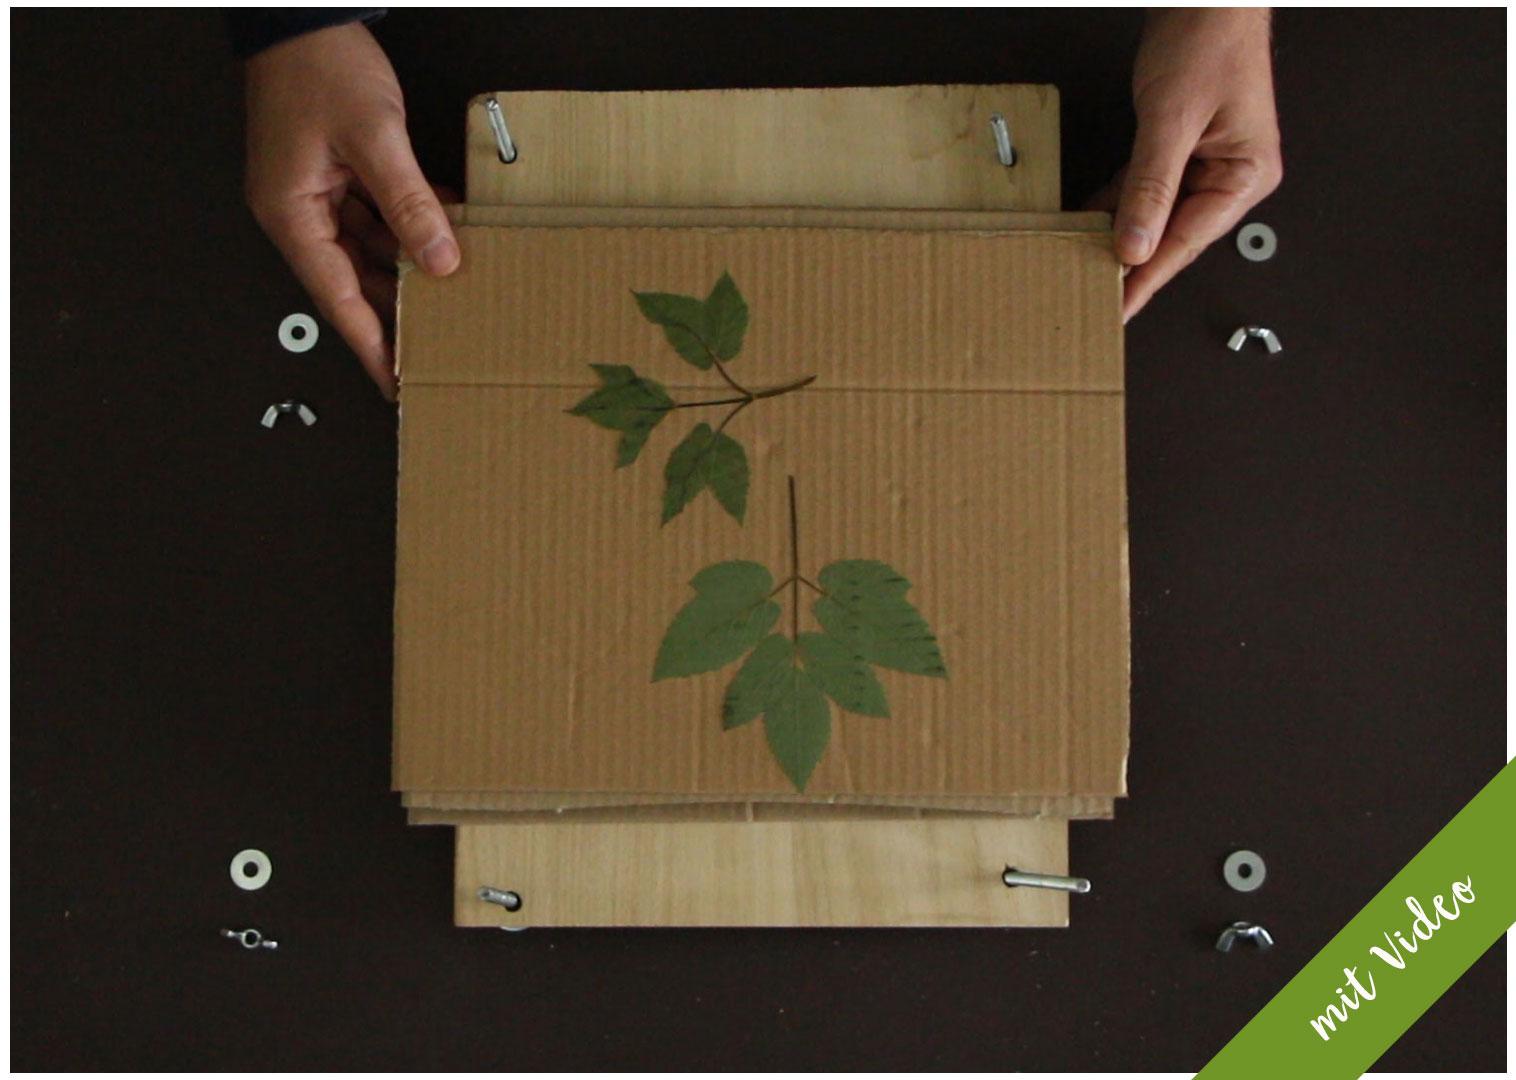 Dein eigenes Herbarium gestalten – Liste mit den wichtigsten Werkzeugen und Materialien für dein eigenes Herbarium. www.herbarium-vorlagen.de –Herbarium Pflanzenpresse selber bauen – Anleitung